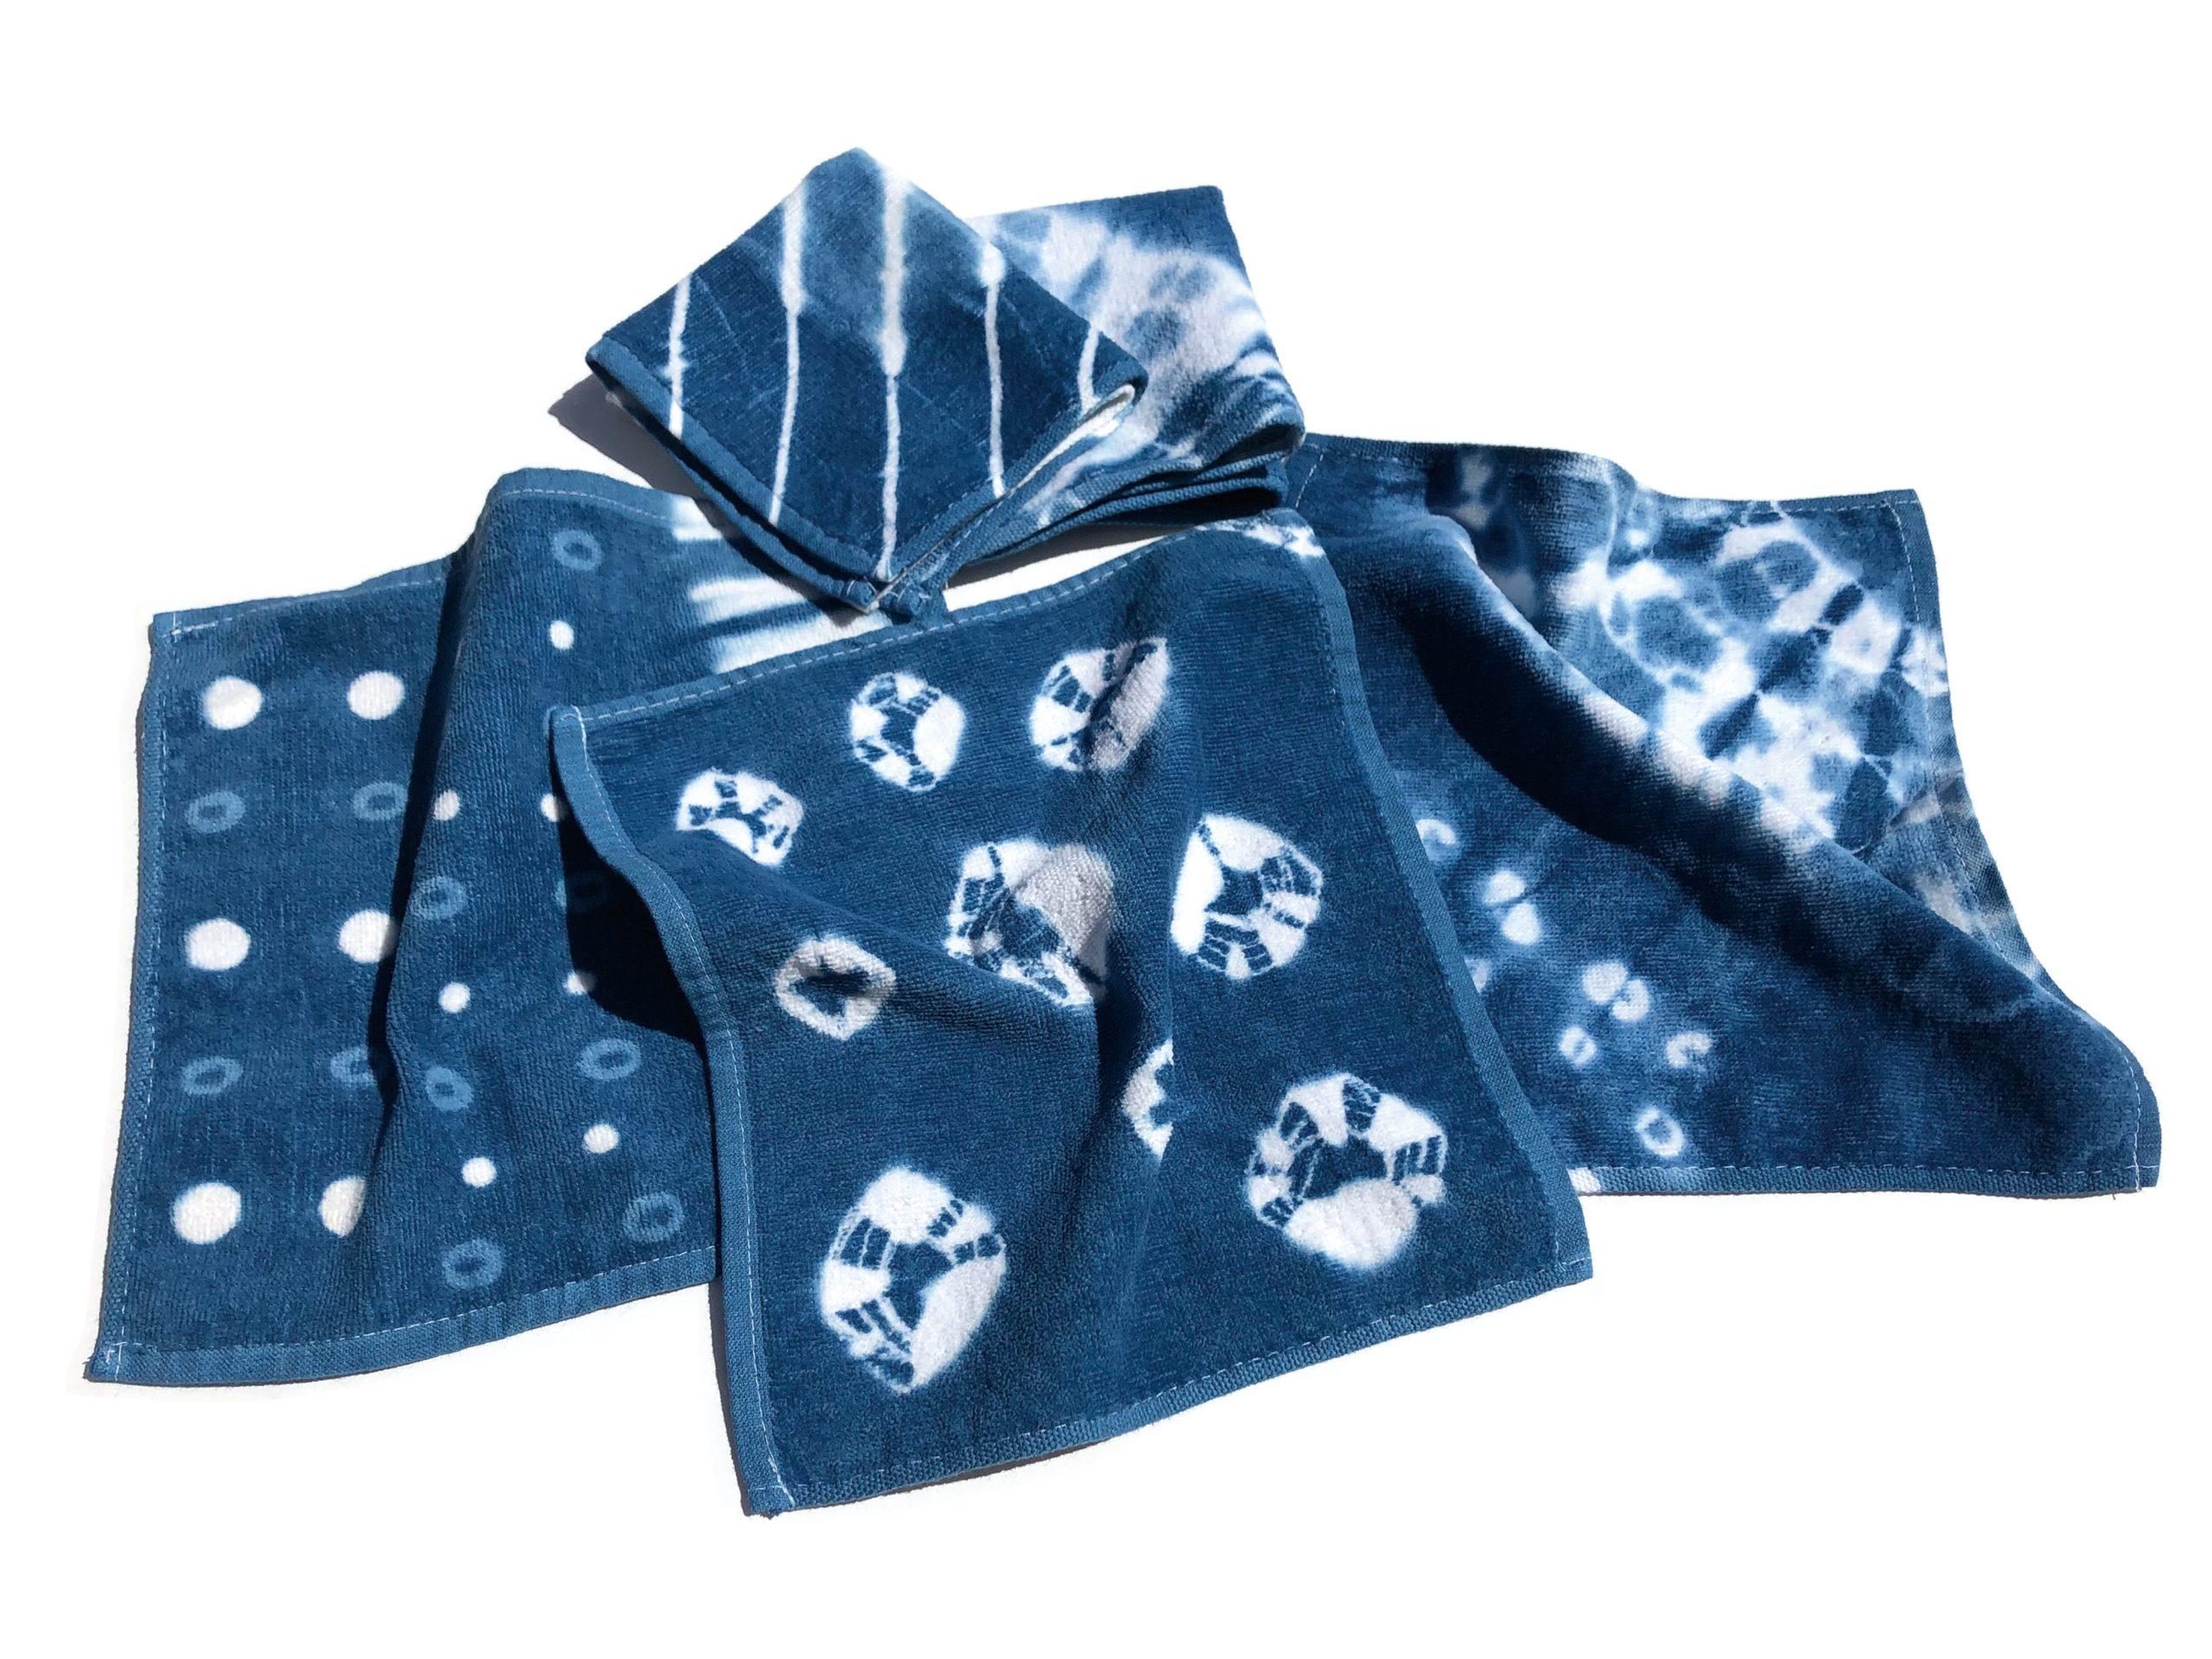 藍染めでハンドタオルを染めよう